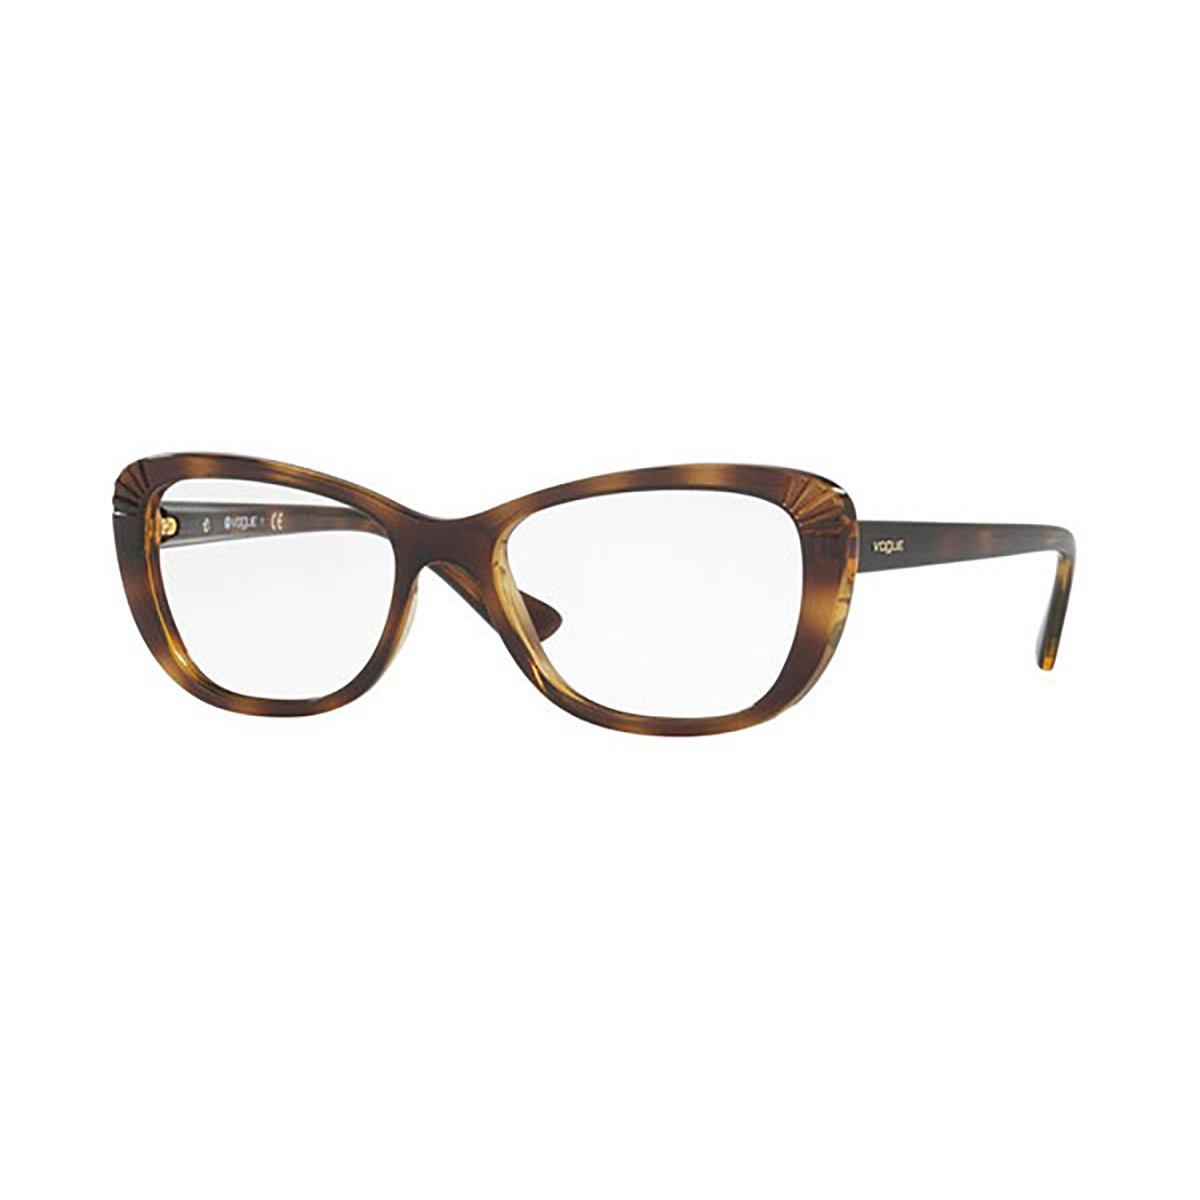 86ebc3b2246c3 Compre Óculos de Grau Vogue em 10X   Tri-Jóia Shop